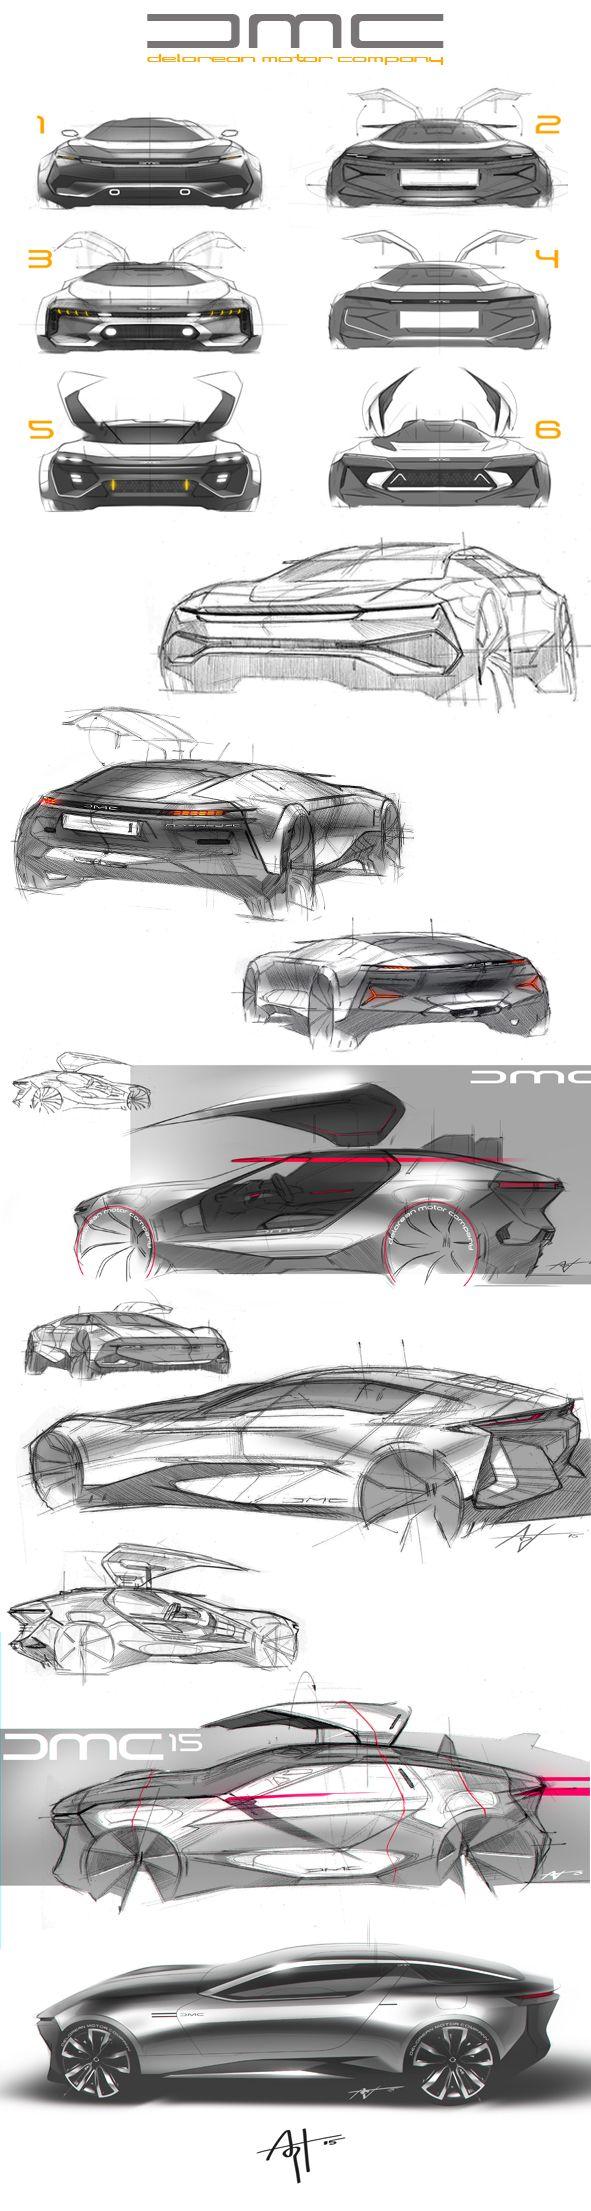 Some randon DeLorean sketches.. on Behance